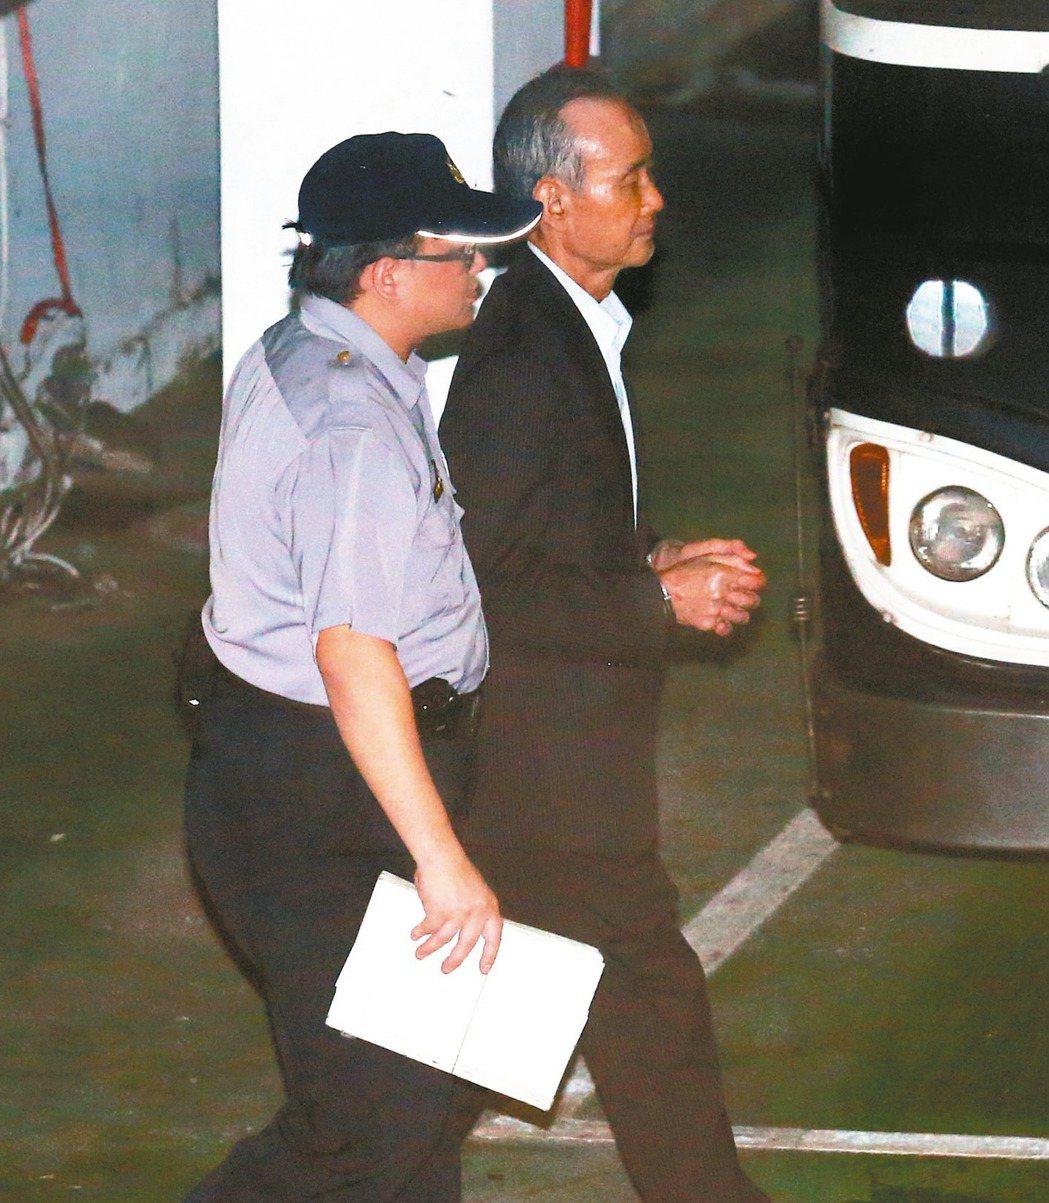 遠雄集團董事長趙藤雄(右)被控涉嫌掏空及行賄,遭檢方聲請羈押,他在法警戒護下步上...